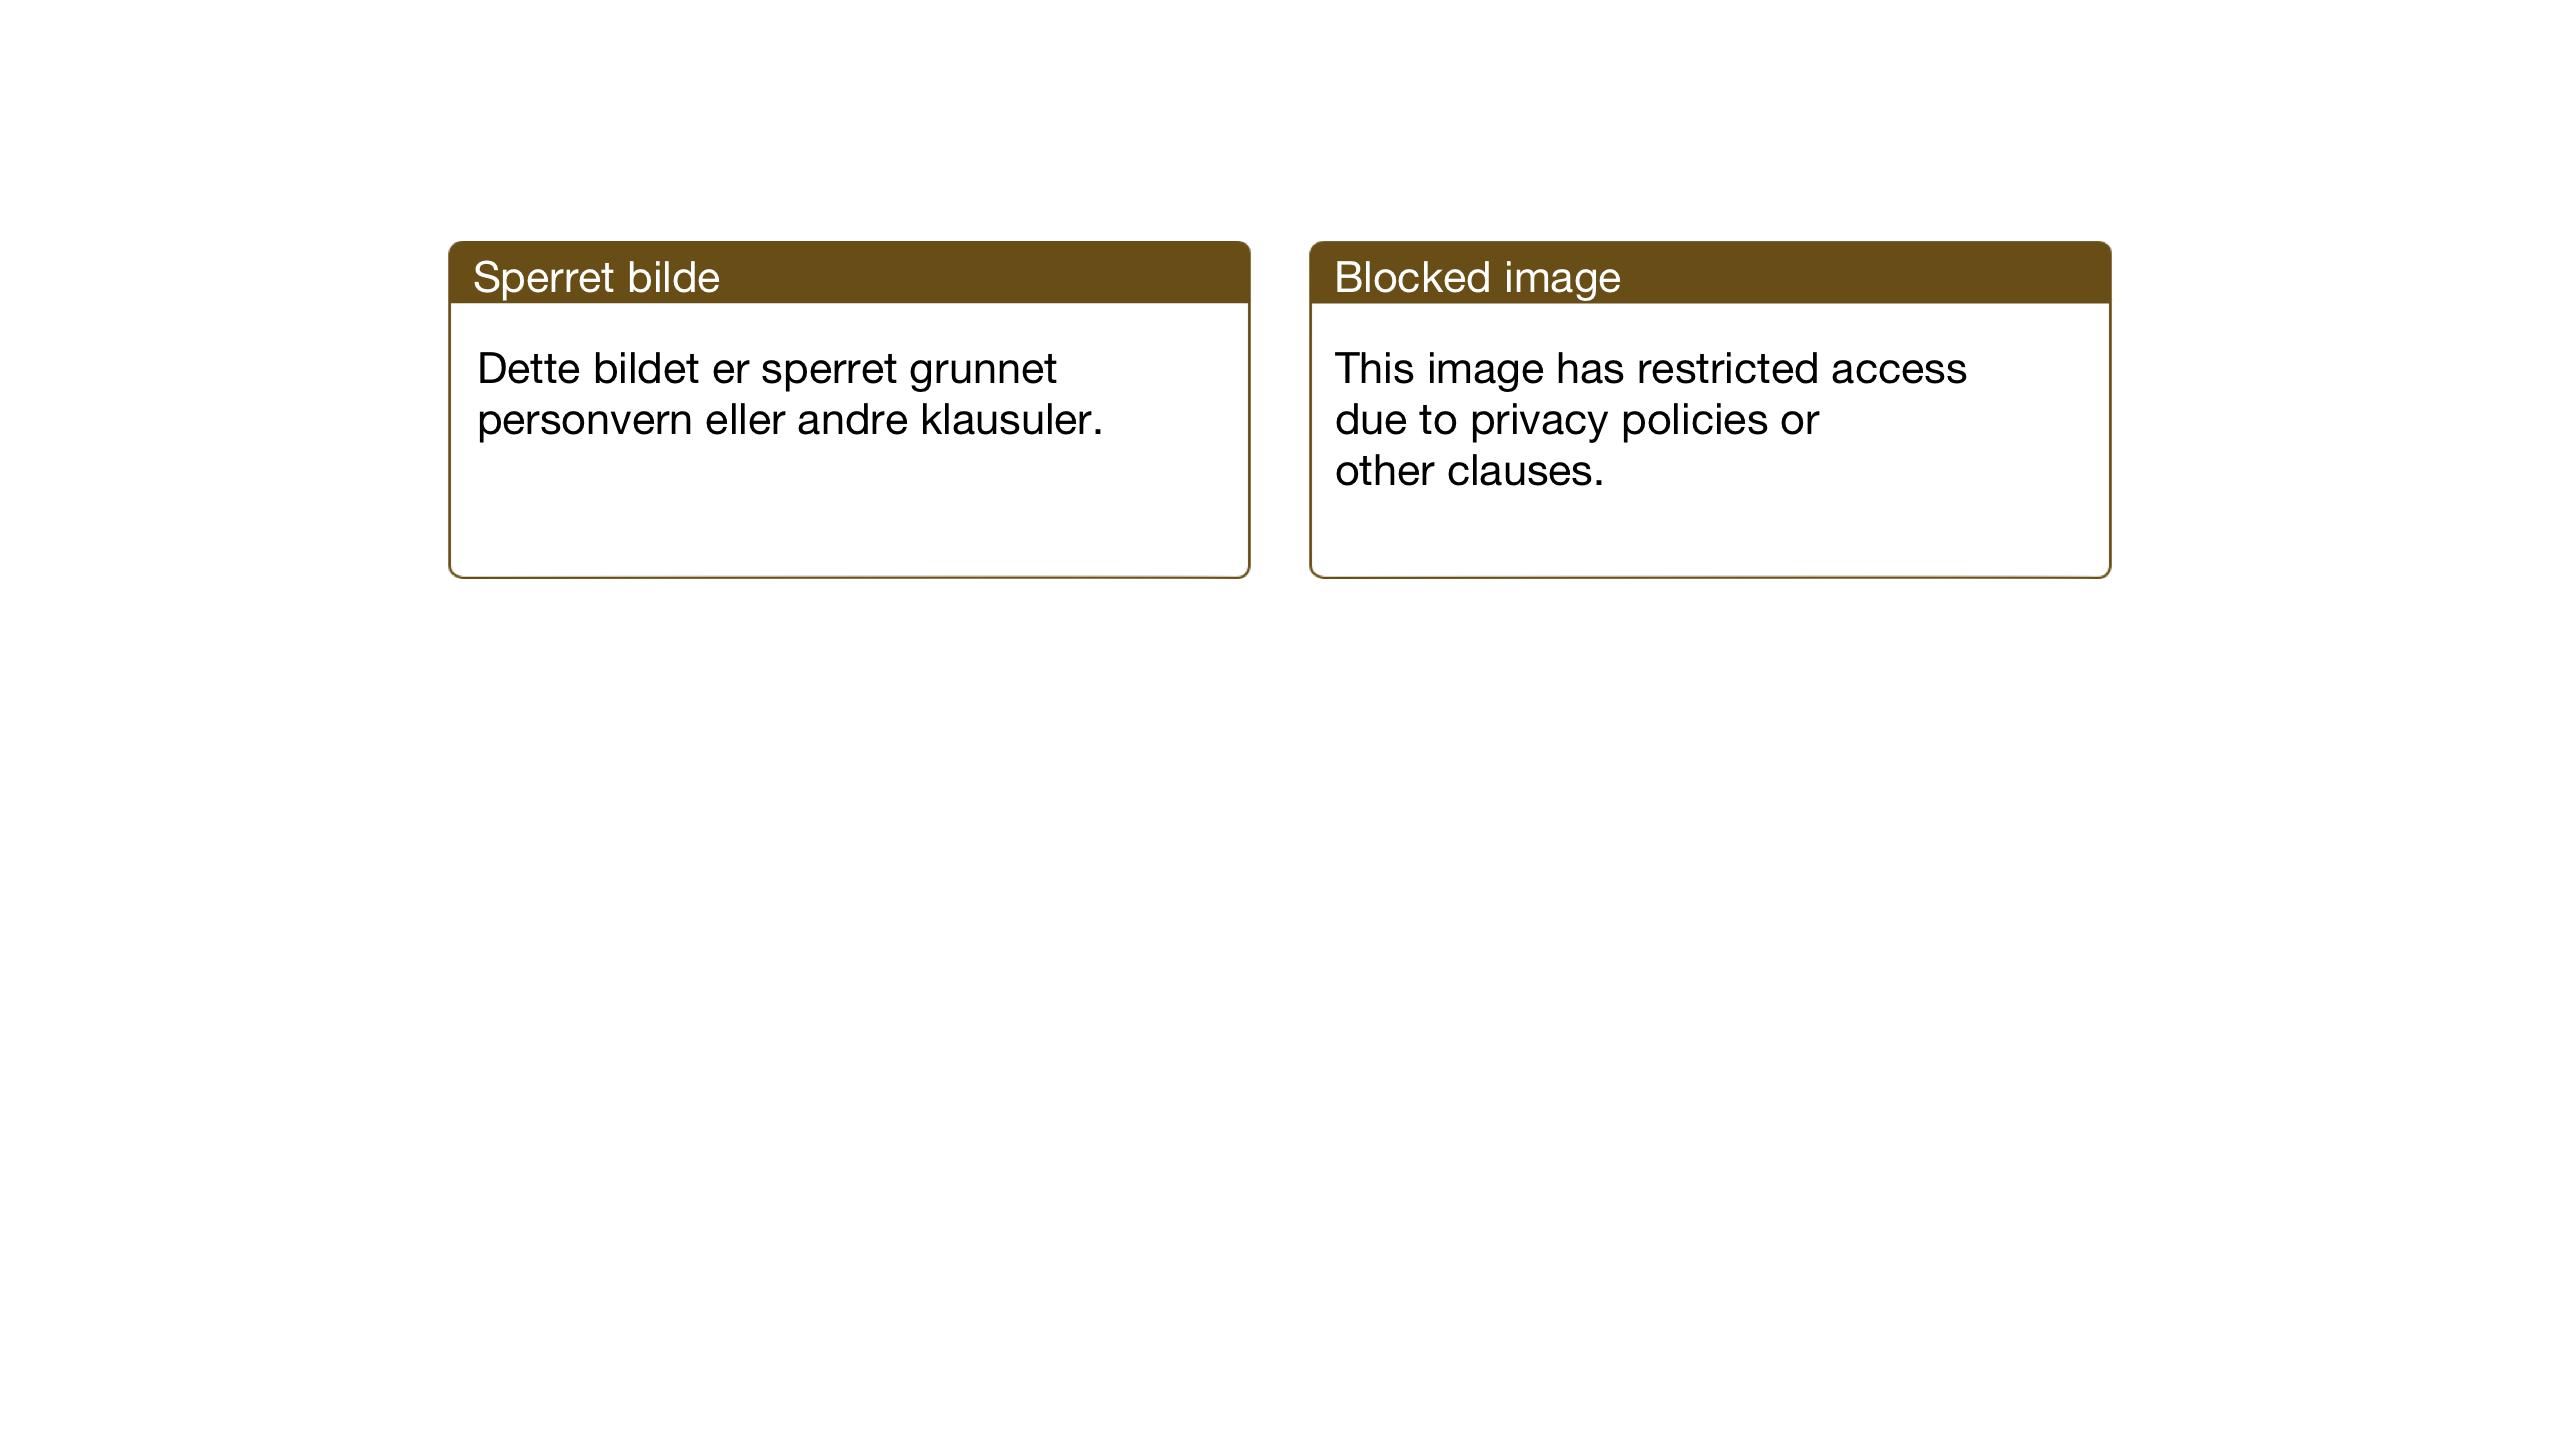 SAT, Ministerialprotokoller, klokkerbøker og fødselsregistre - Sør-Trøndelag, 669/L0832: Klokkerbok nr. 669C02, 1925-1953, s. 153